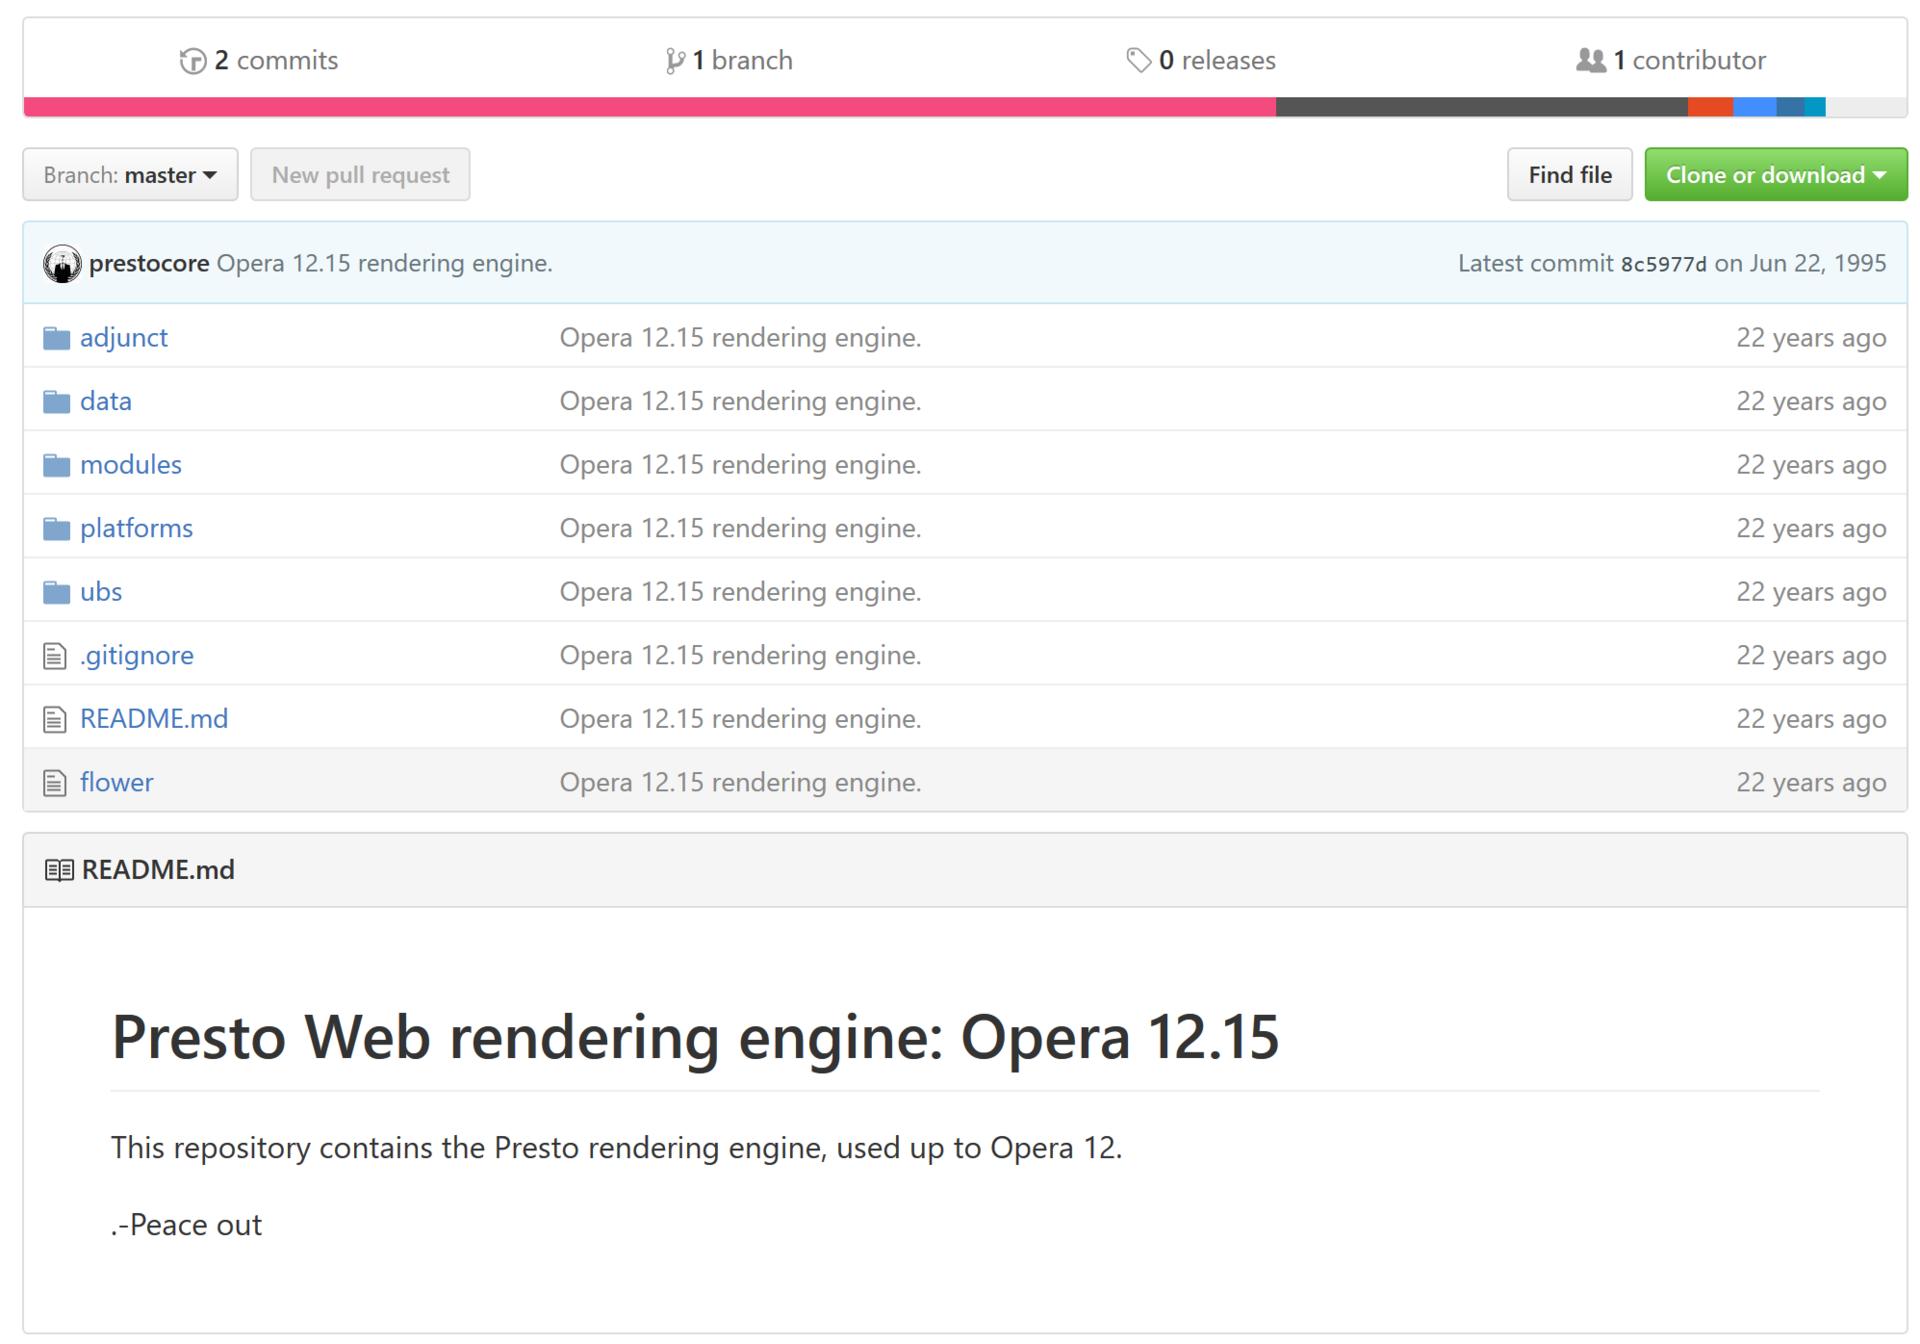 На GitHub появился странный репозиторий, похожий на исходники движка Opera Presto [закрыто правообладателями] - 1